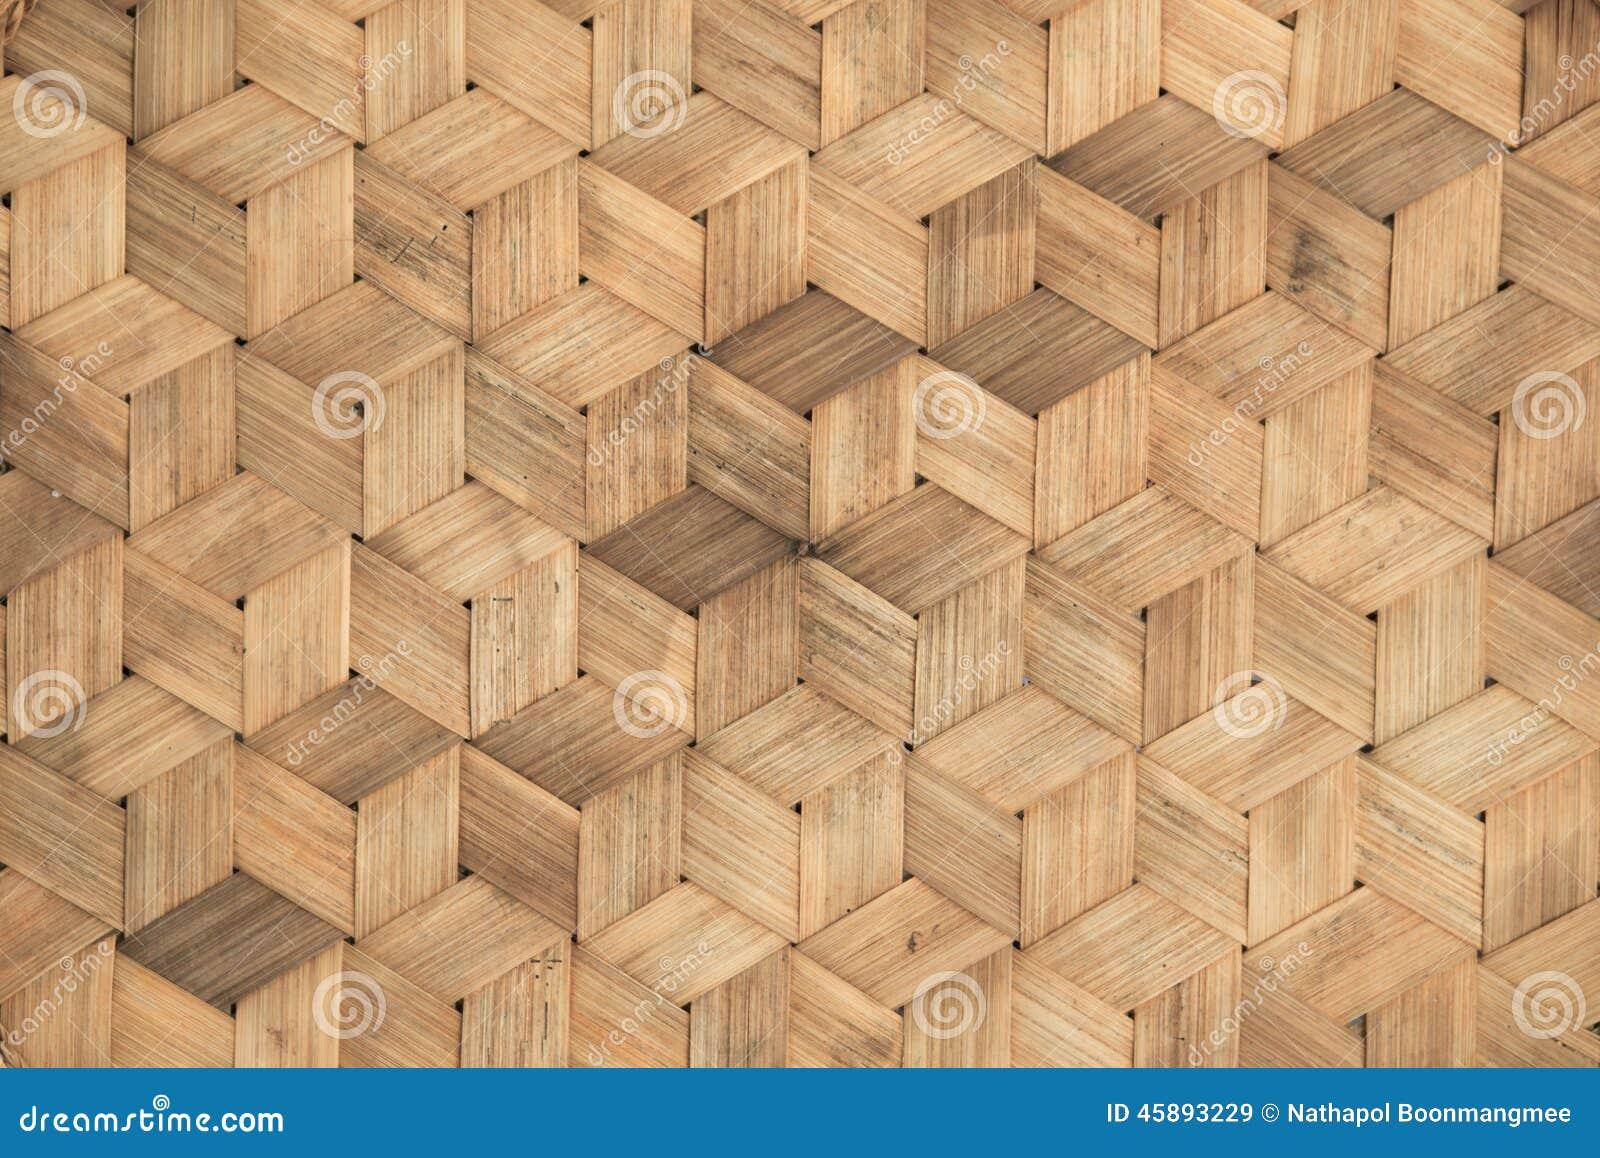 De textuur en de achtergrond van het bamboe